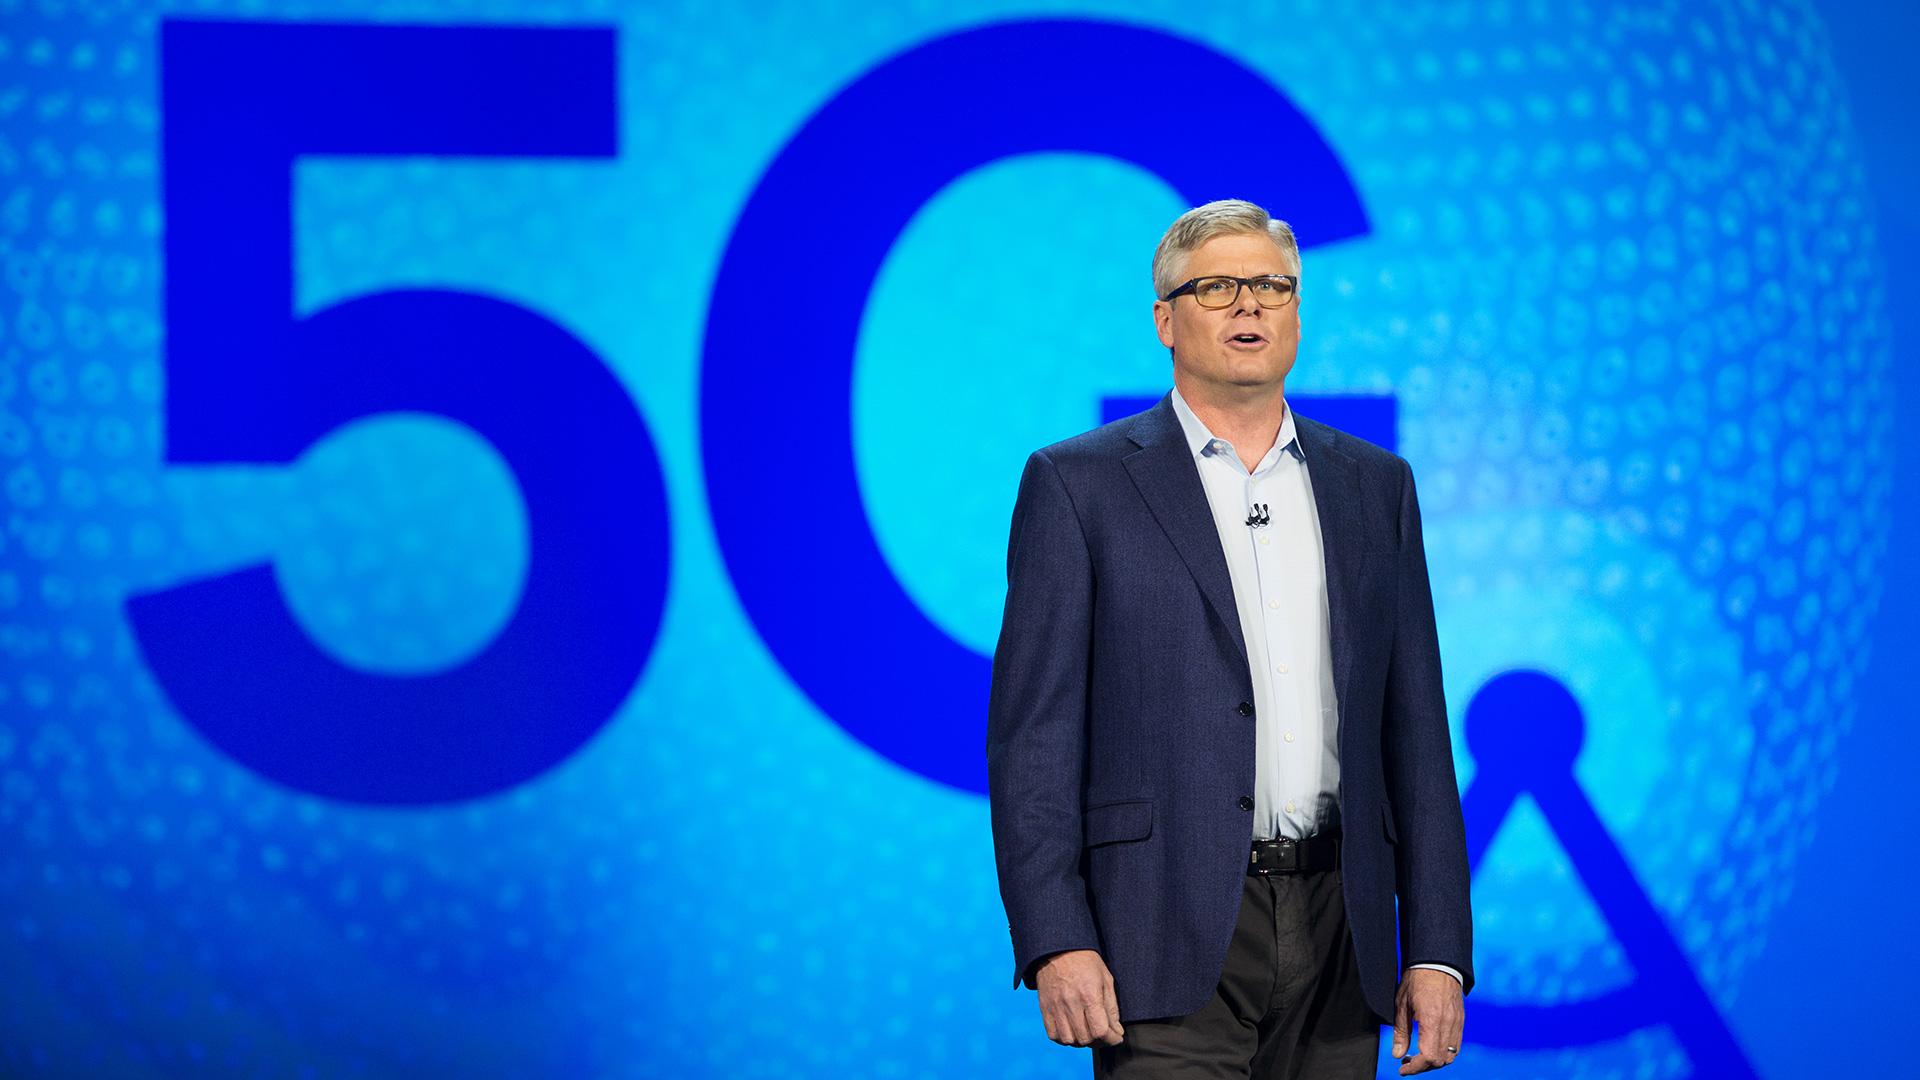 """Steve Mollenkopf speaking on stage in front of """"5G"""""""